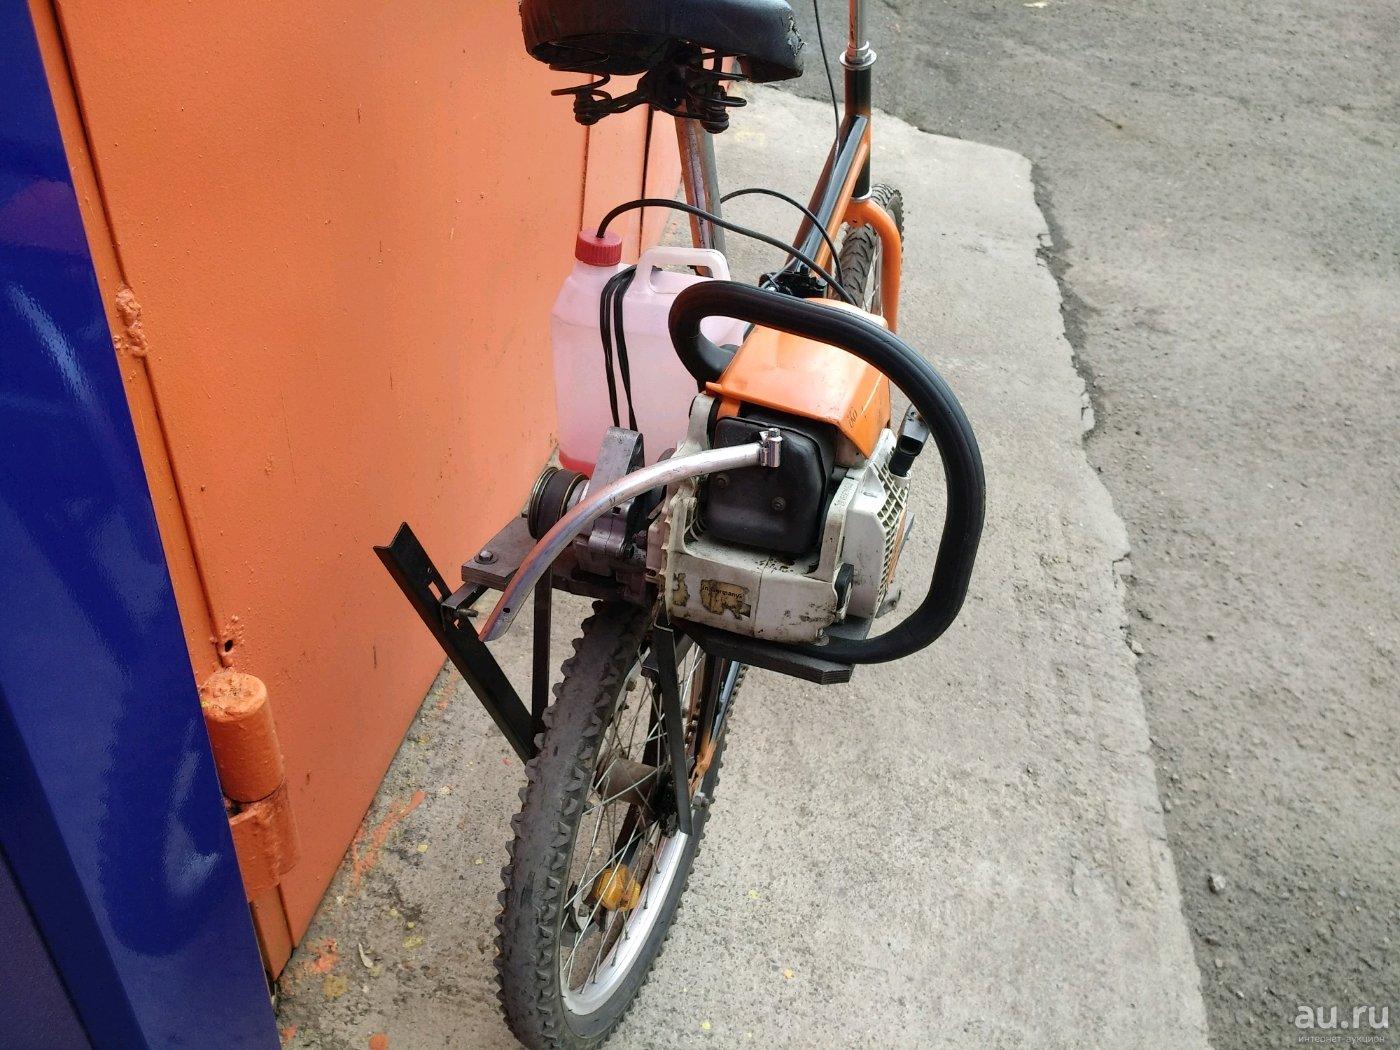 Как поставить двигатель от триммера на велосипед